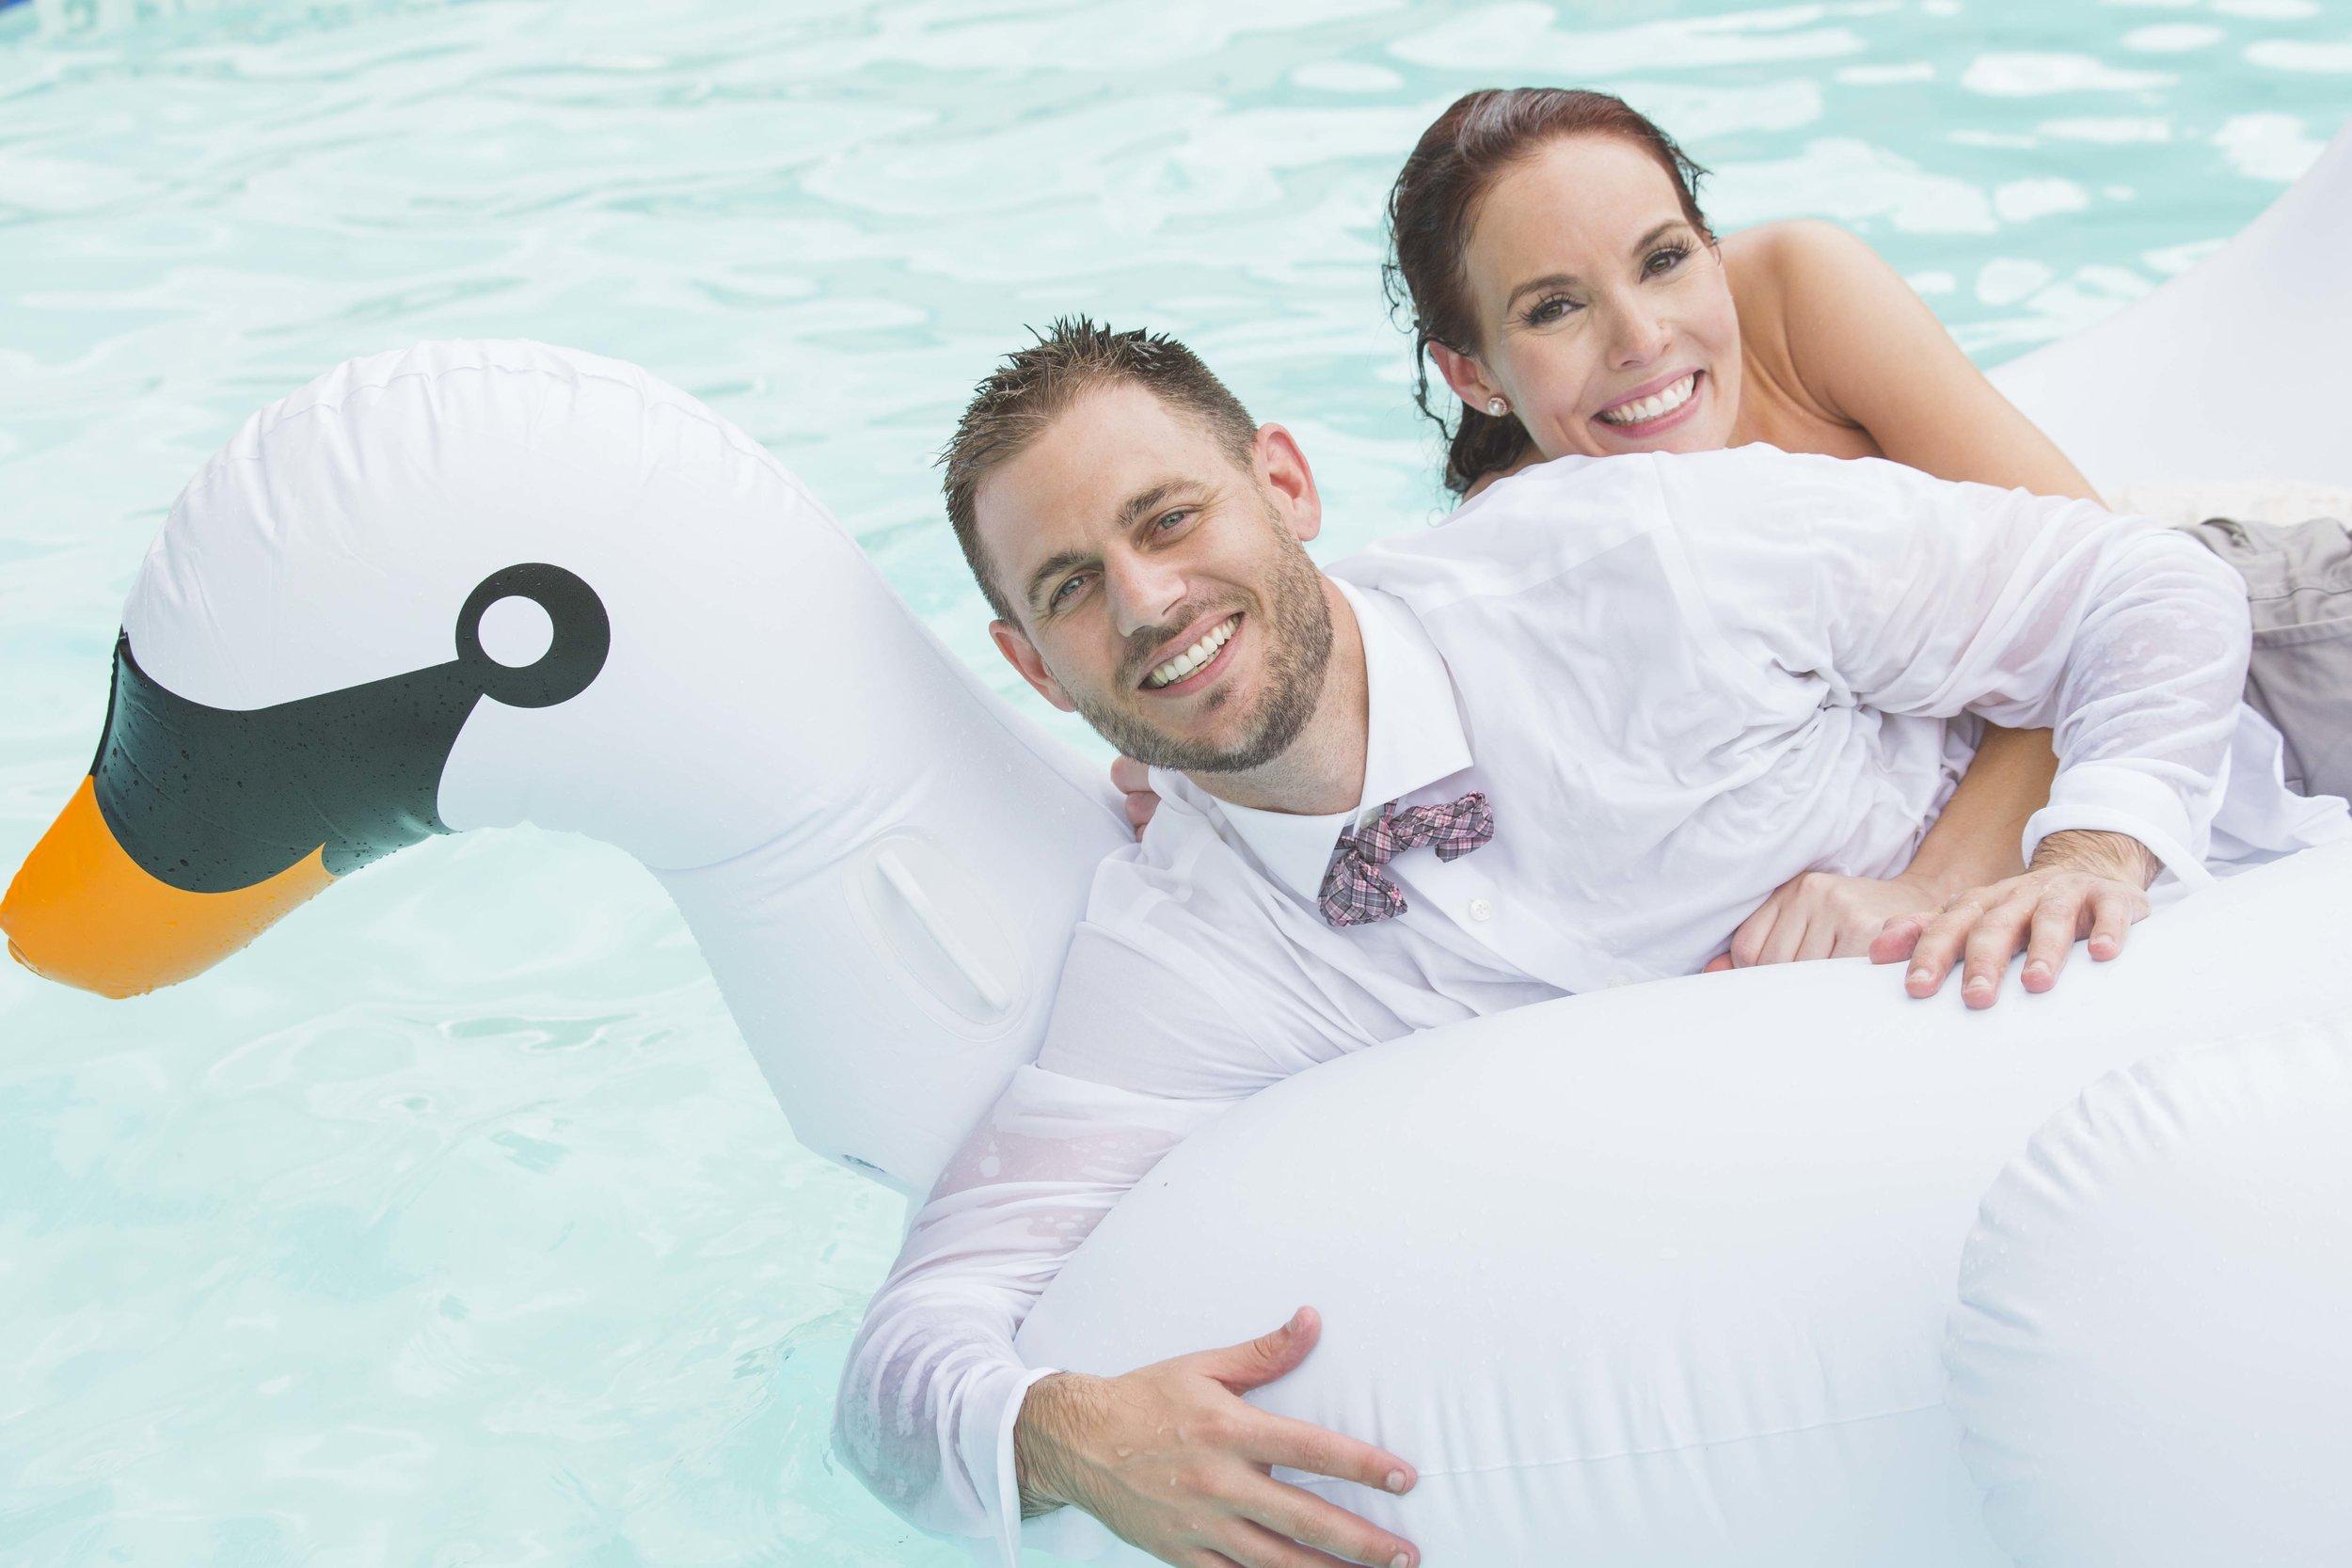 ATGI_Susanna & Matt Wedding_717A8886.jpg